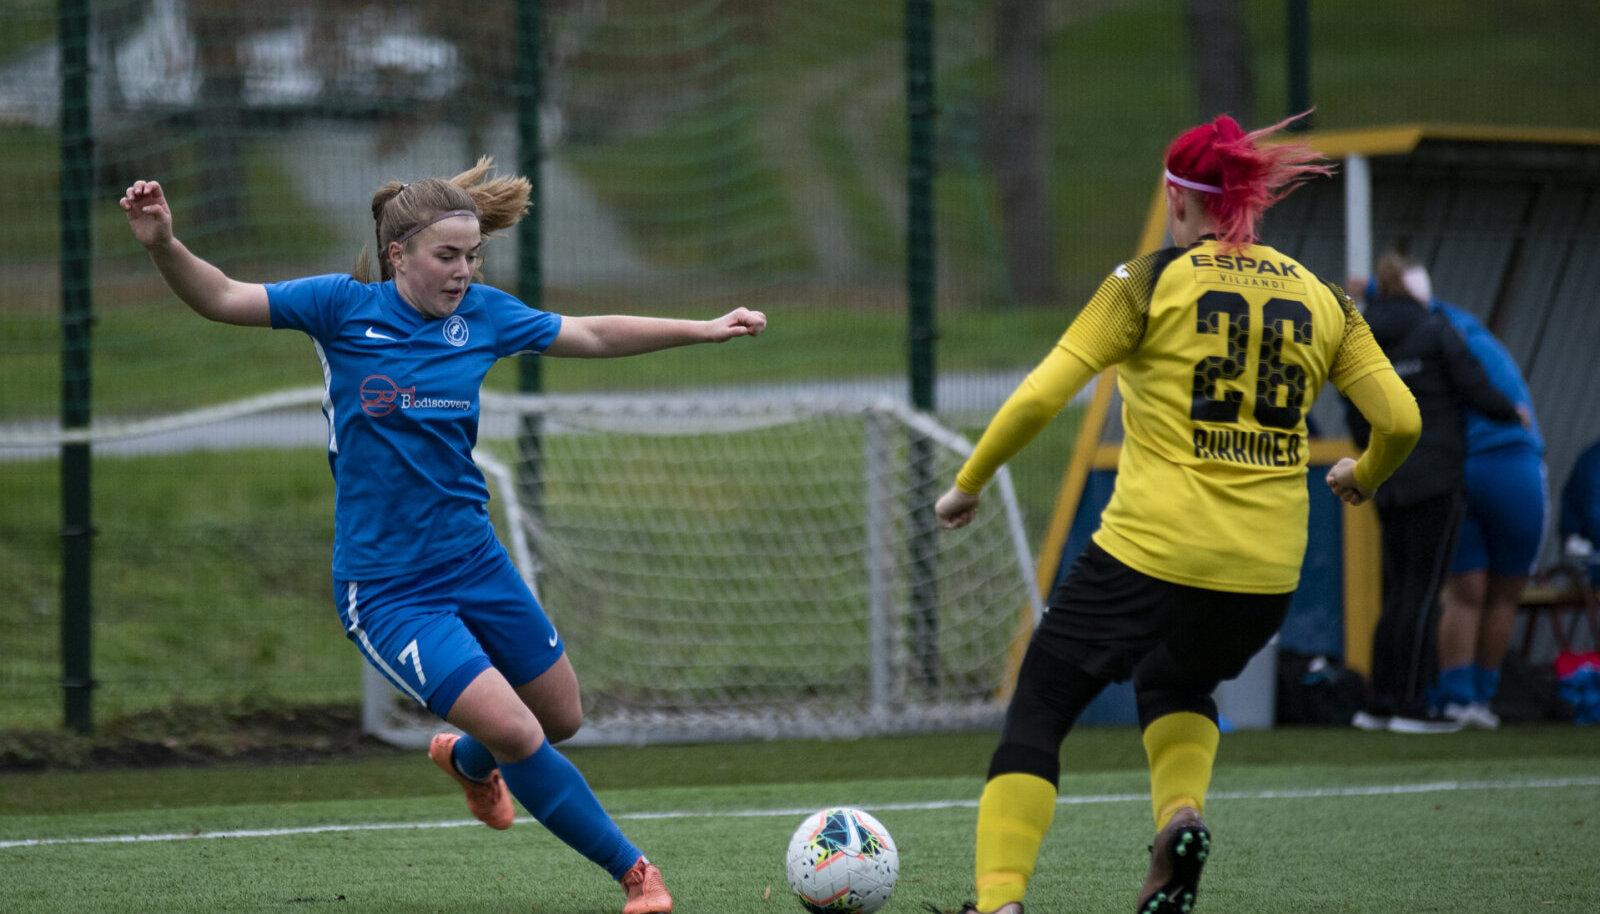 Naiste jalgpalli meistriliiga stardib  27. märtsil